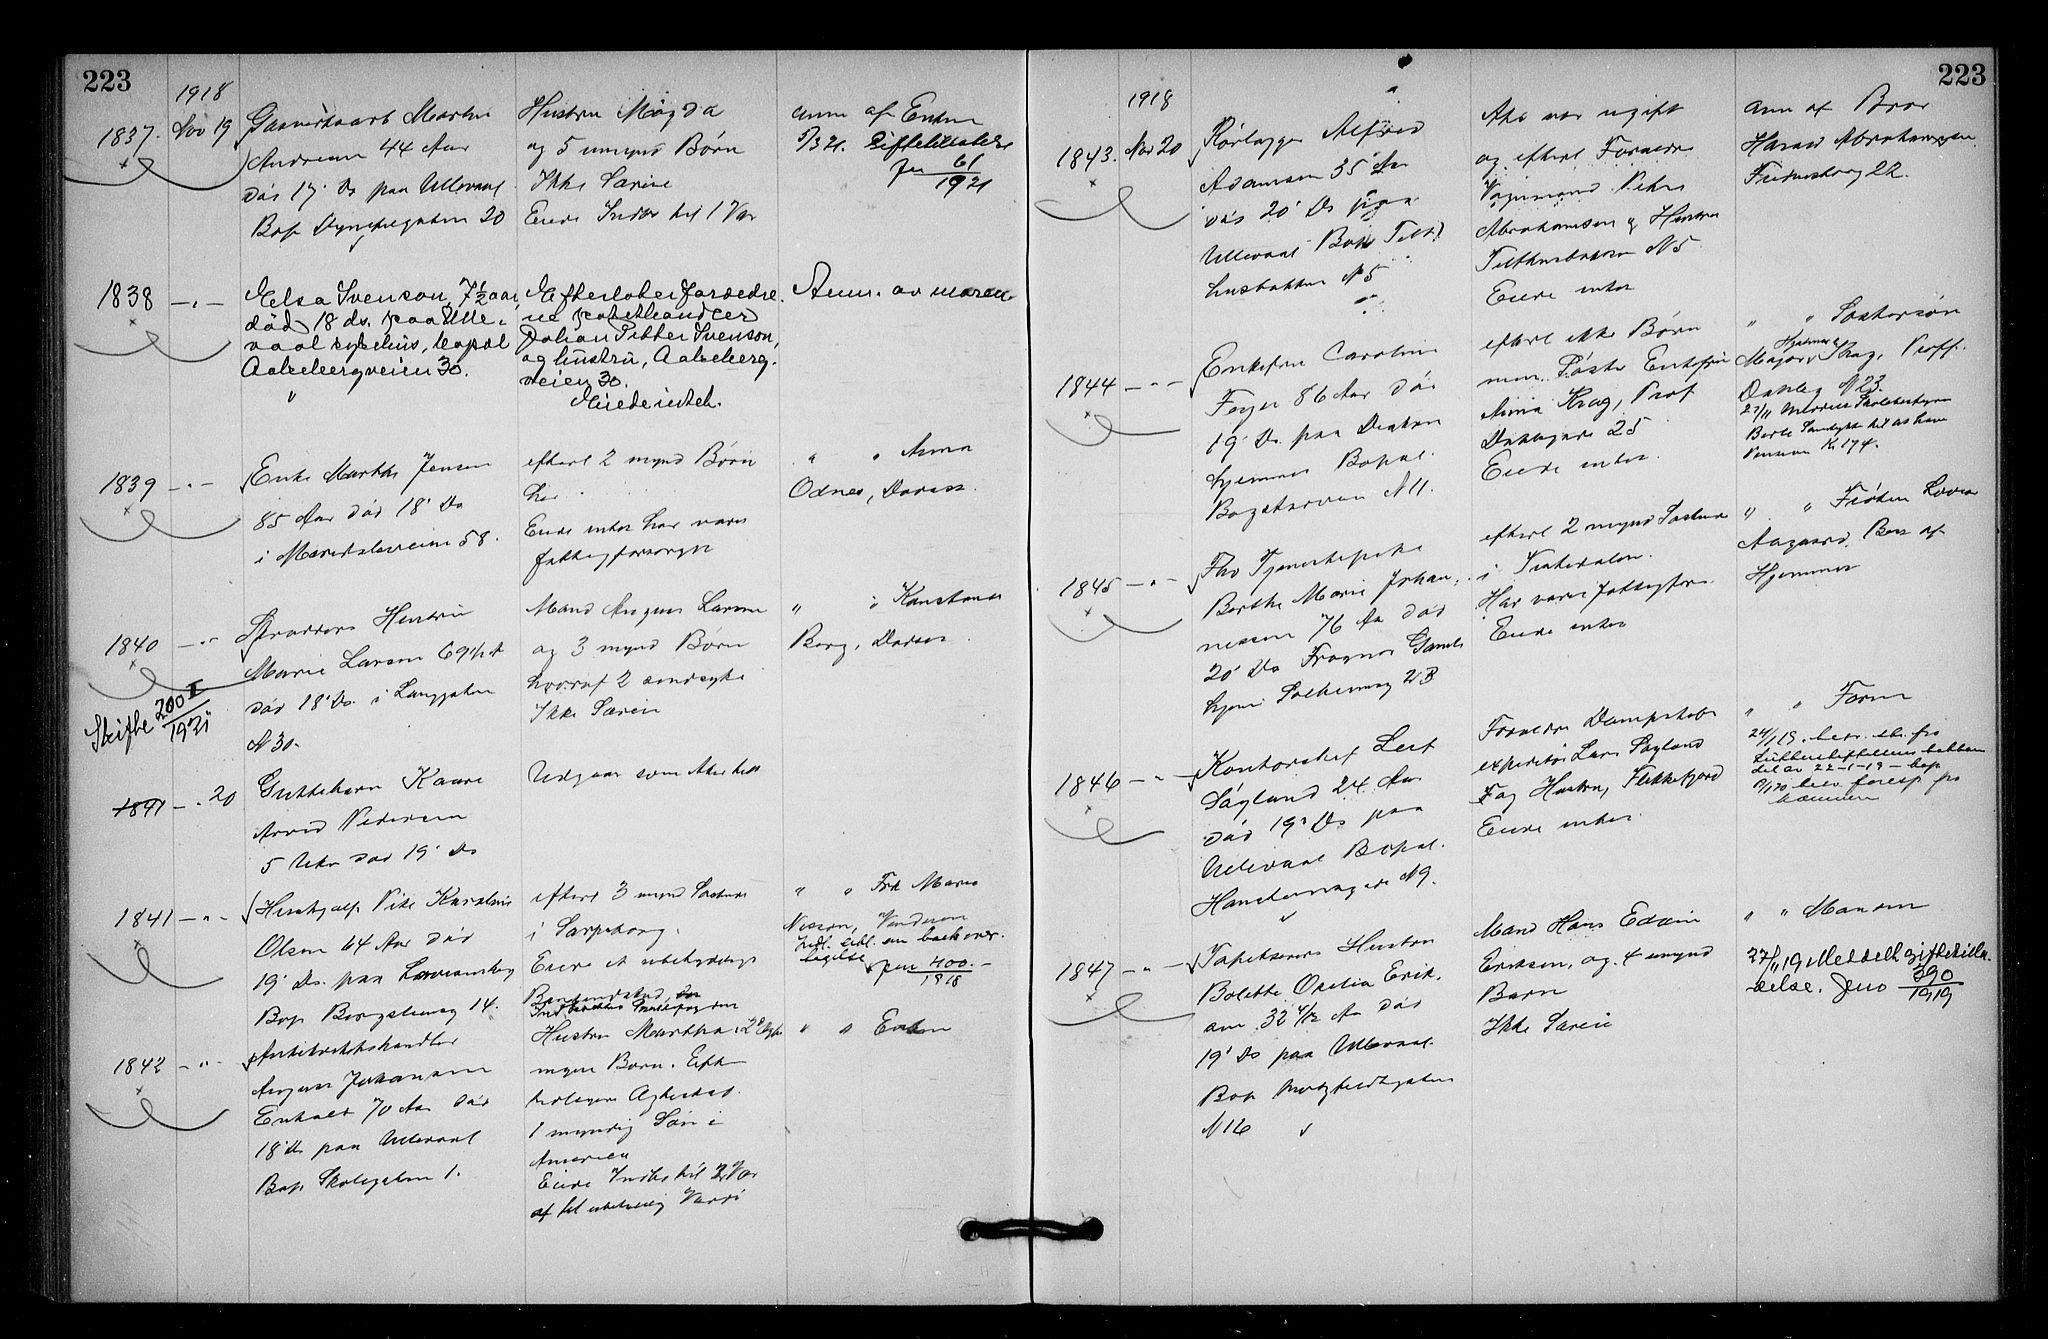 SAO, Oslo skifterett, G/Ga/Gac/L0009: Dødsfallsprotokoll, 1917-1919, p. 223